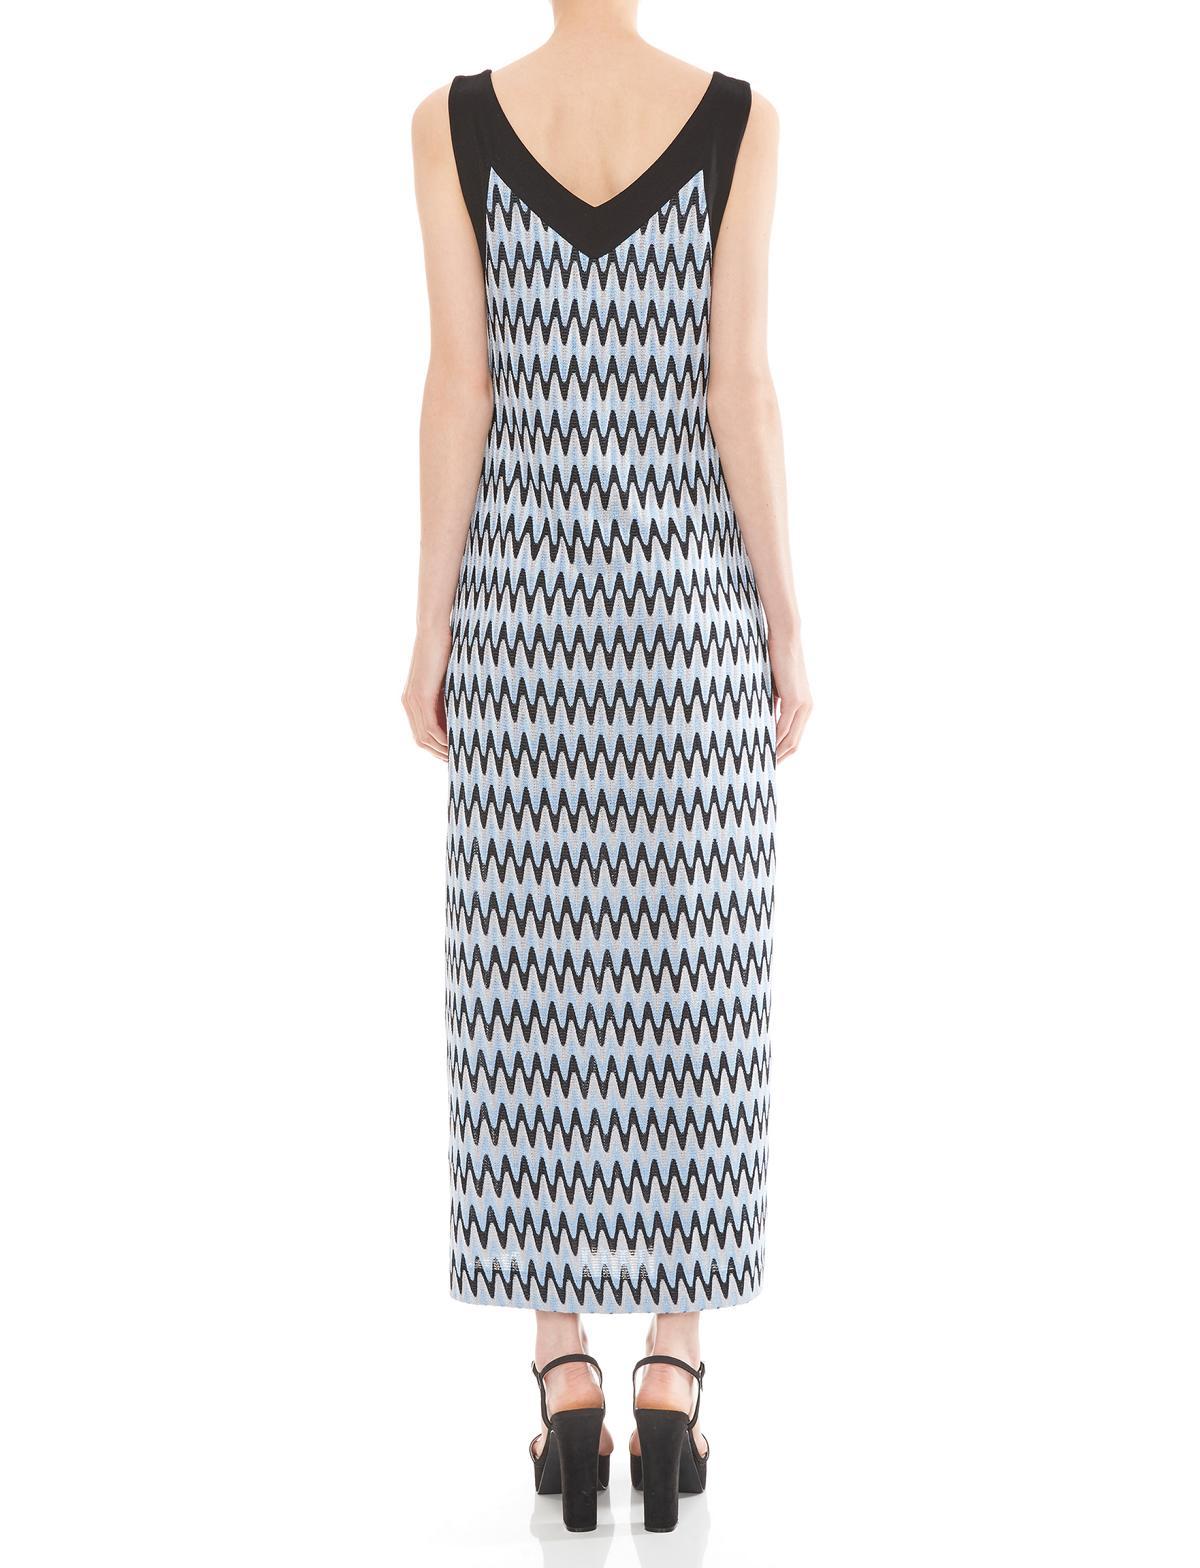 Rückansicht von Ana Alcazar Maxi Kleid Mailiwa  angezogen an Model